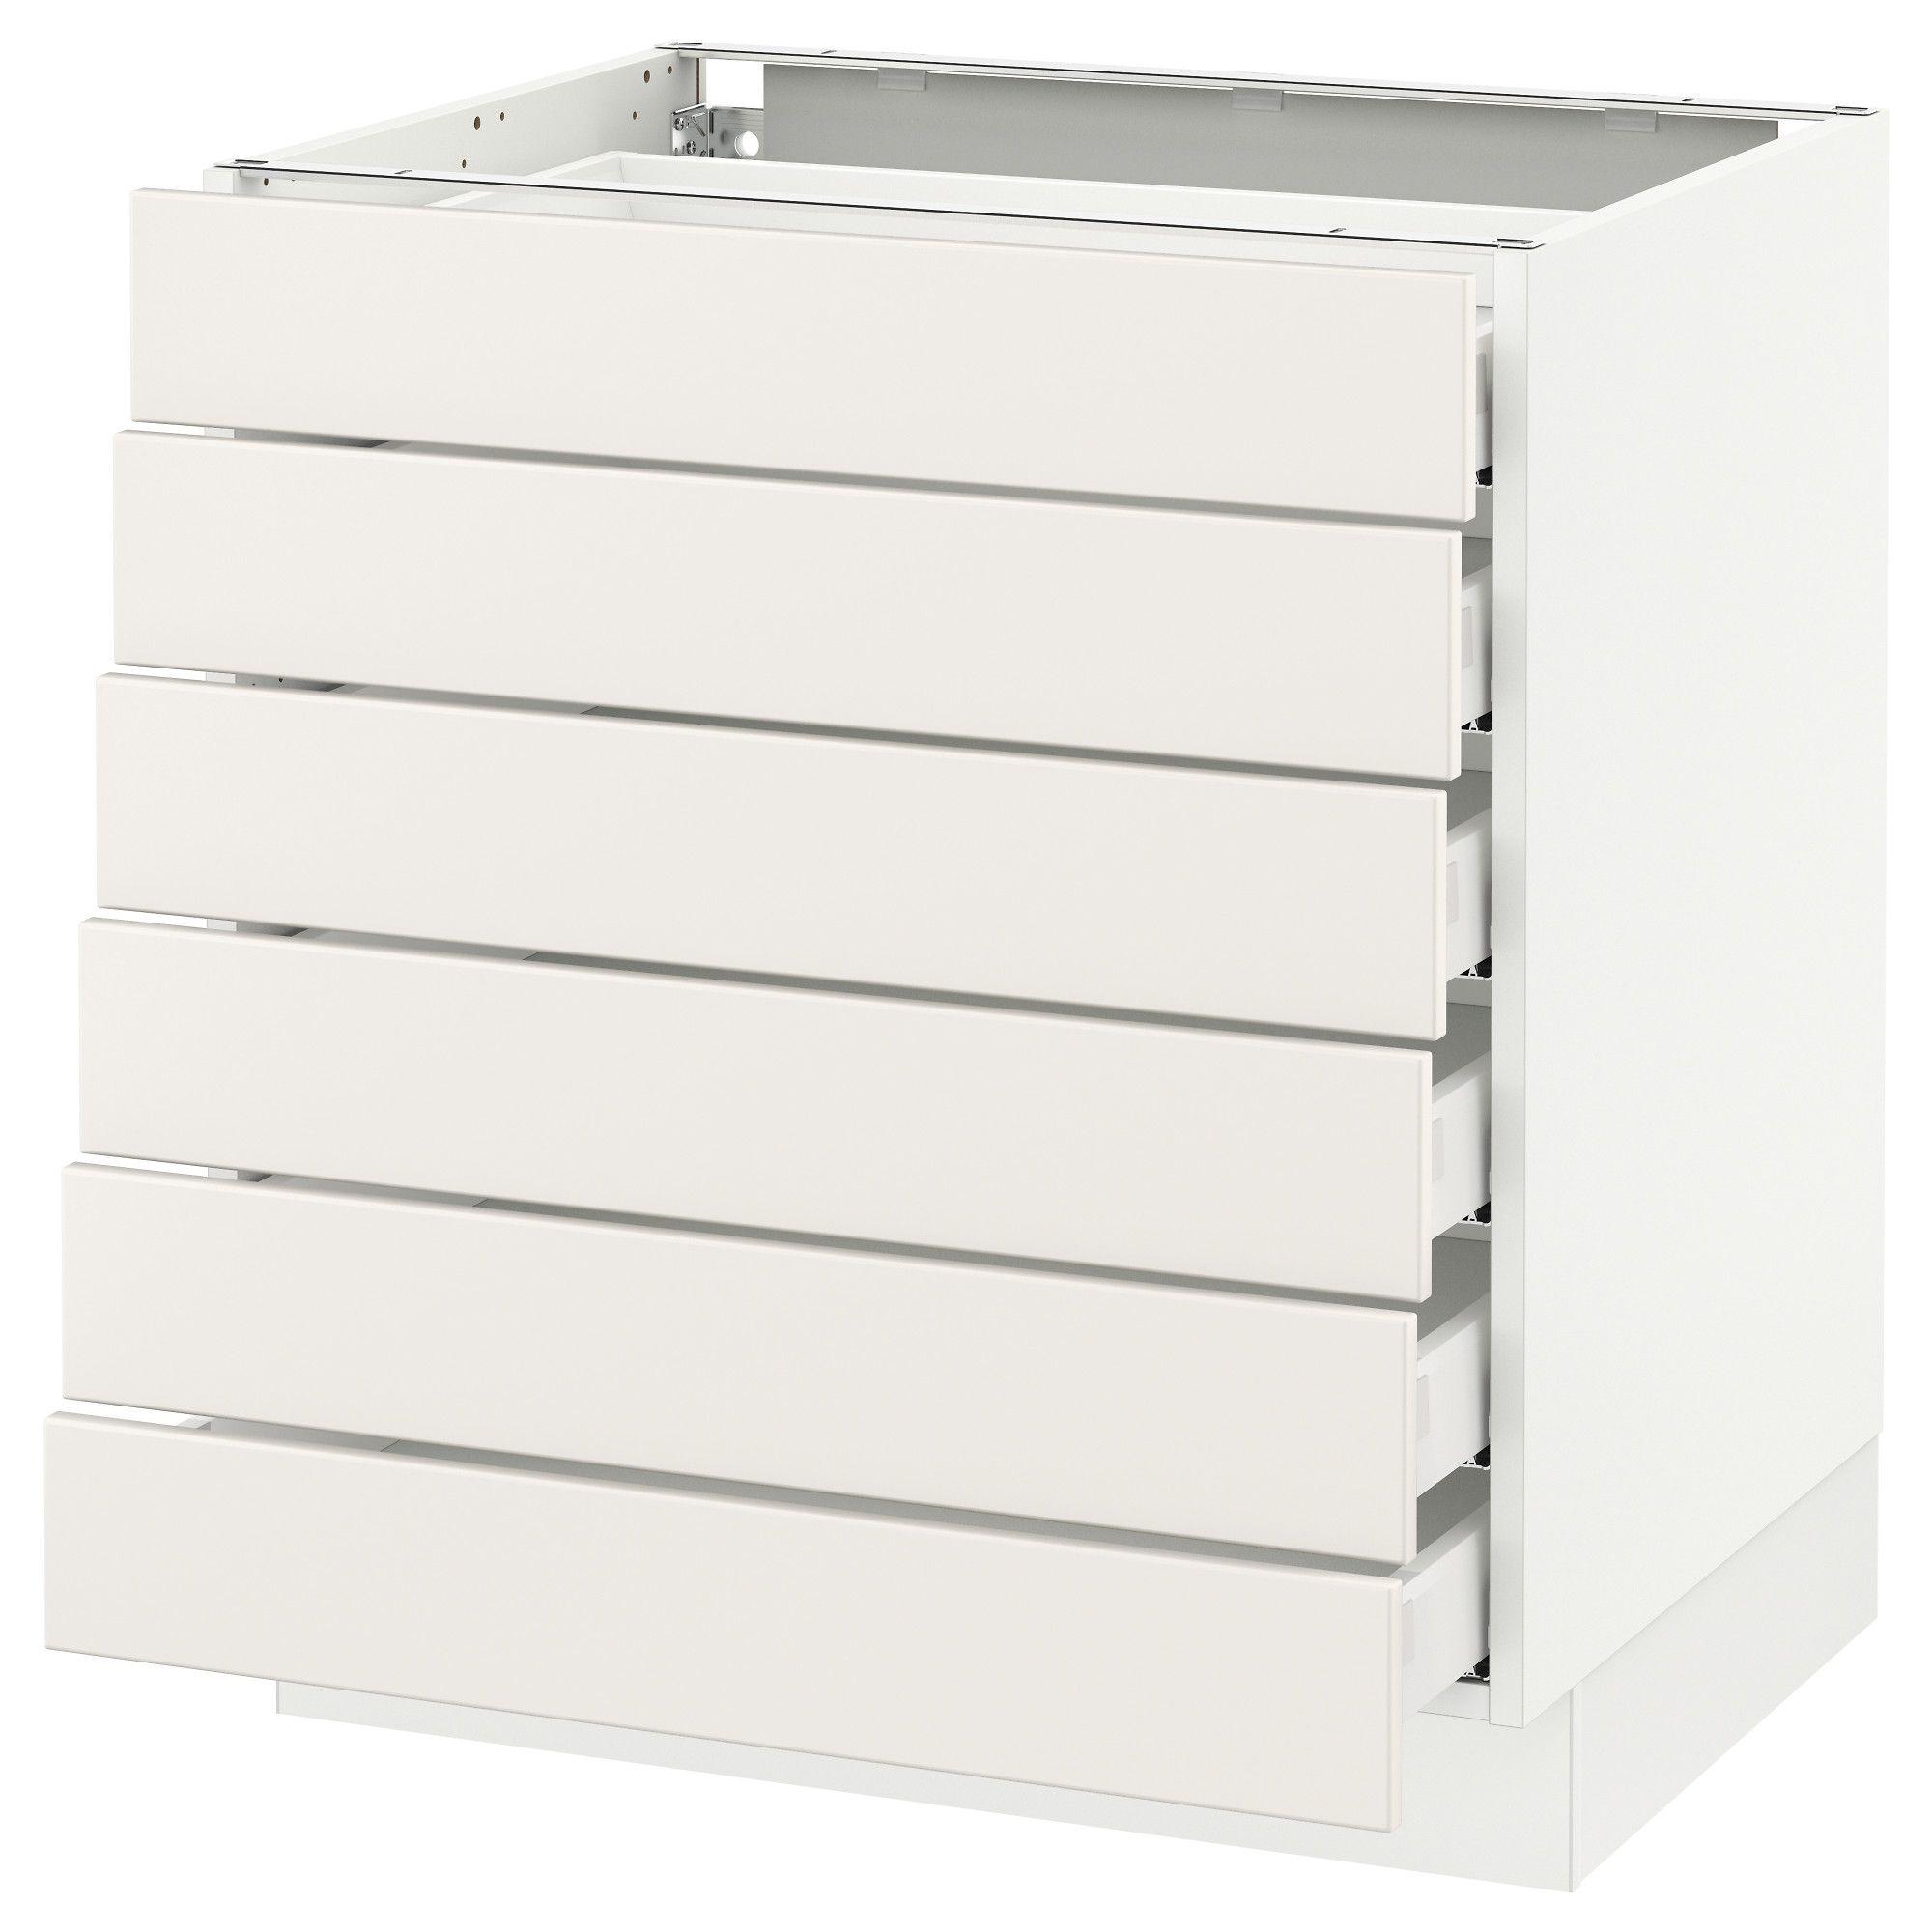 Sektion Base Cabinet 6 Fronts 6 Low Drawers White Maximera Veddinge White 30x24x30 Ikea In 2021 Base Cabinets Ikea Drawers